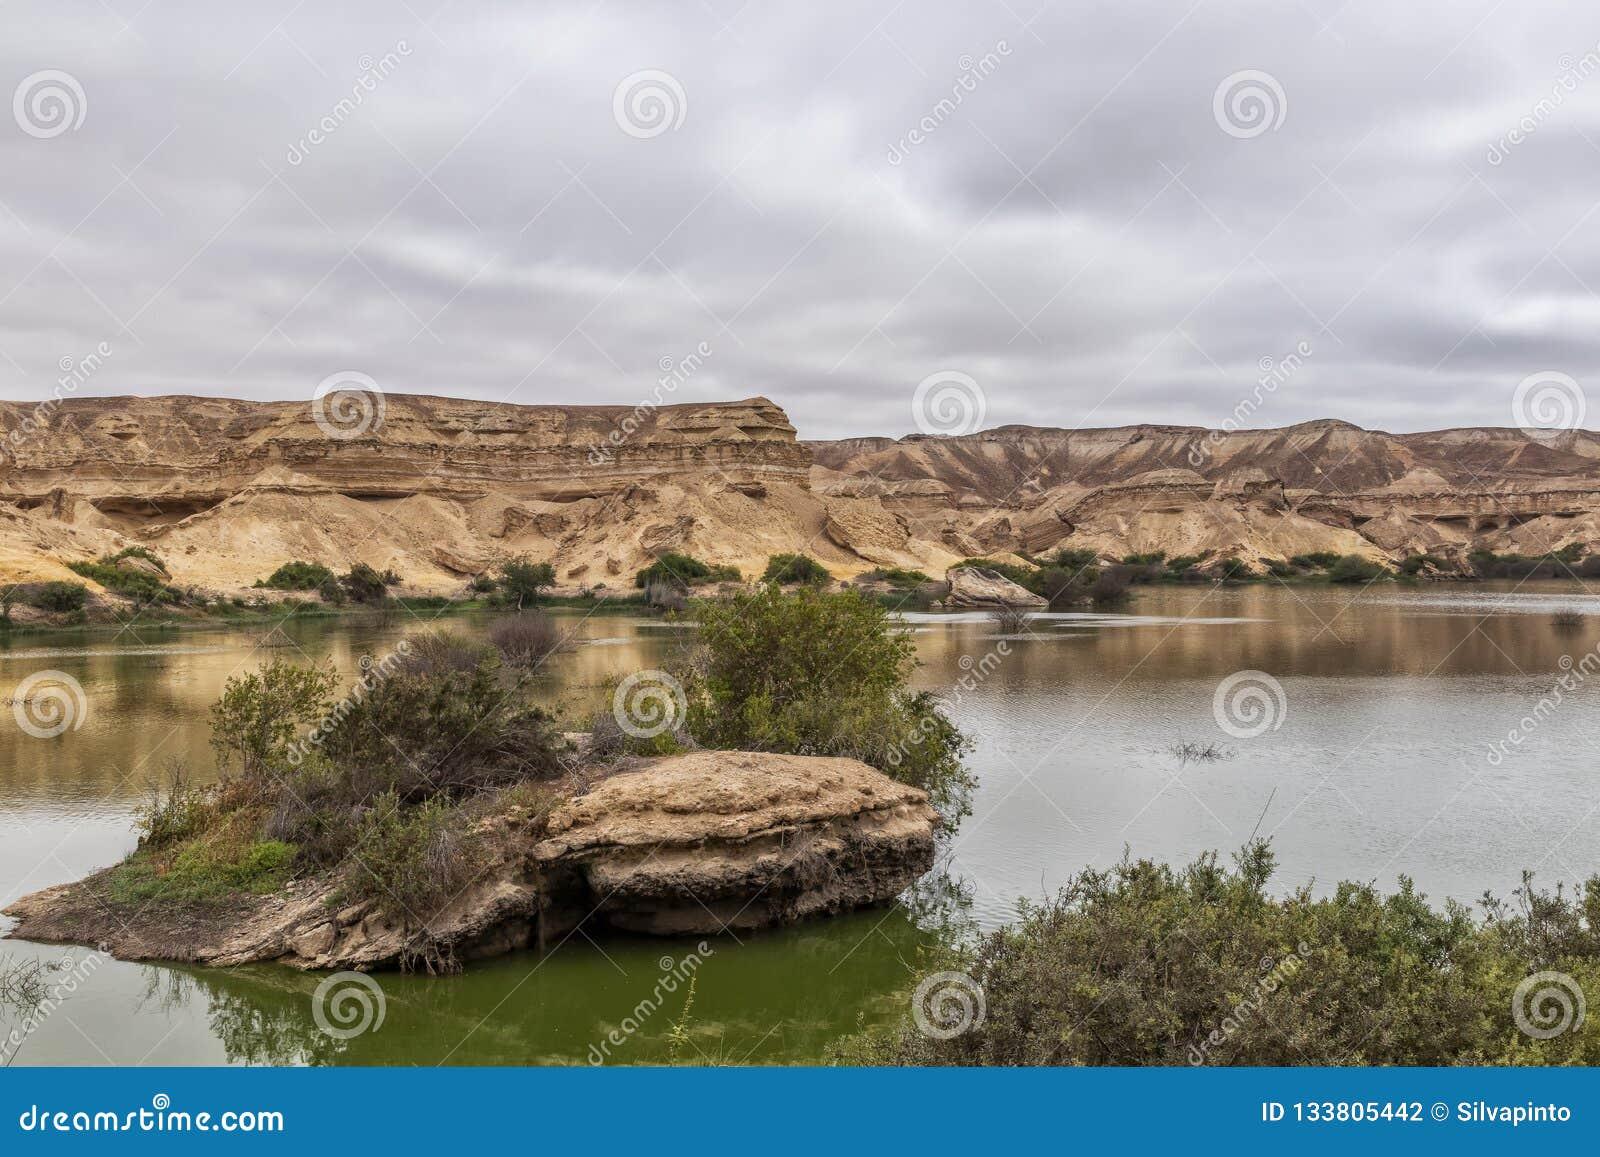 Свод Namibe оазис в пустыне которая обычно заполняет каждые 6 лет в зависимости от дождя anisette вышесказанного Namibe